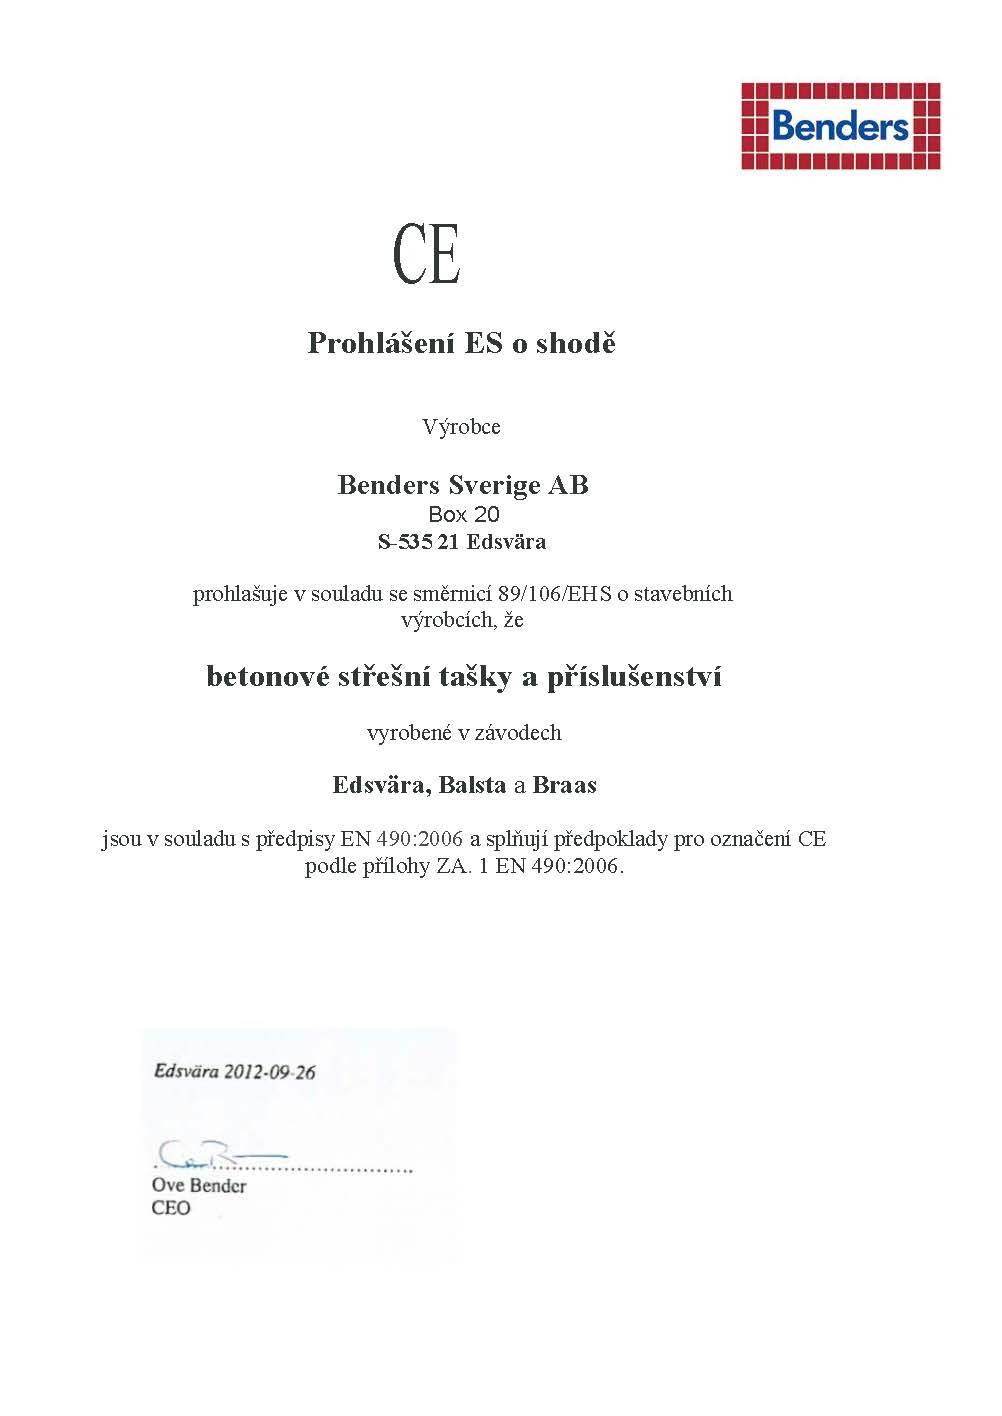 CE-CERTIFIKÁTY PROHLÁŠENÍ O SHODĚ- BETONOVÉ STŘEŠNÍ TAŠKY A PŘÍSLUŠENSTVÍ